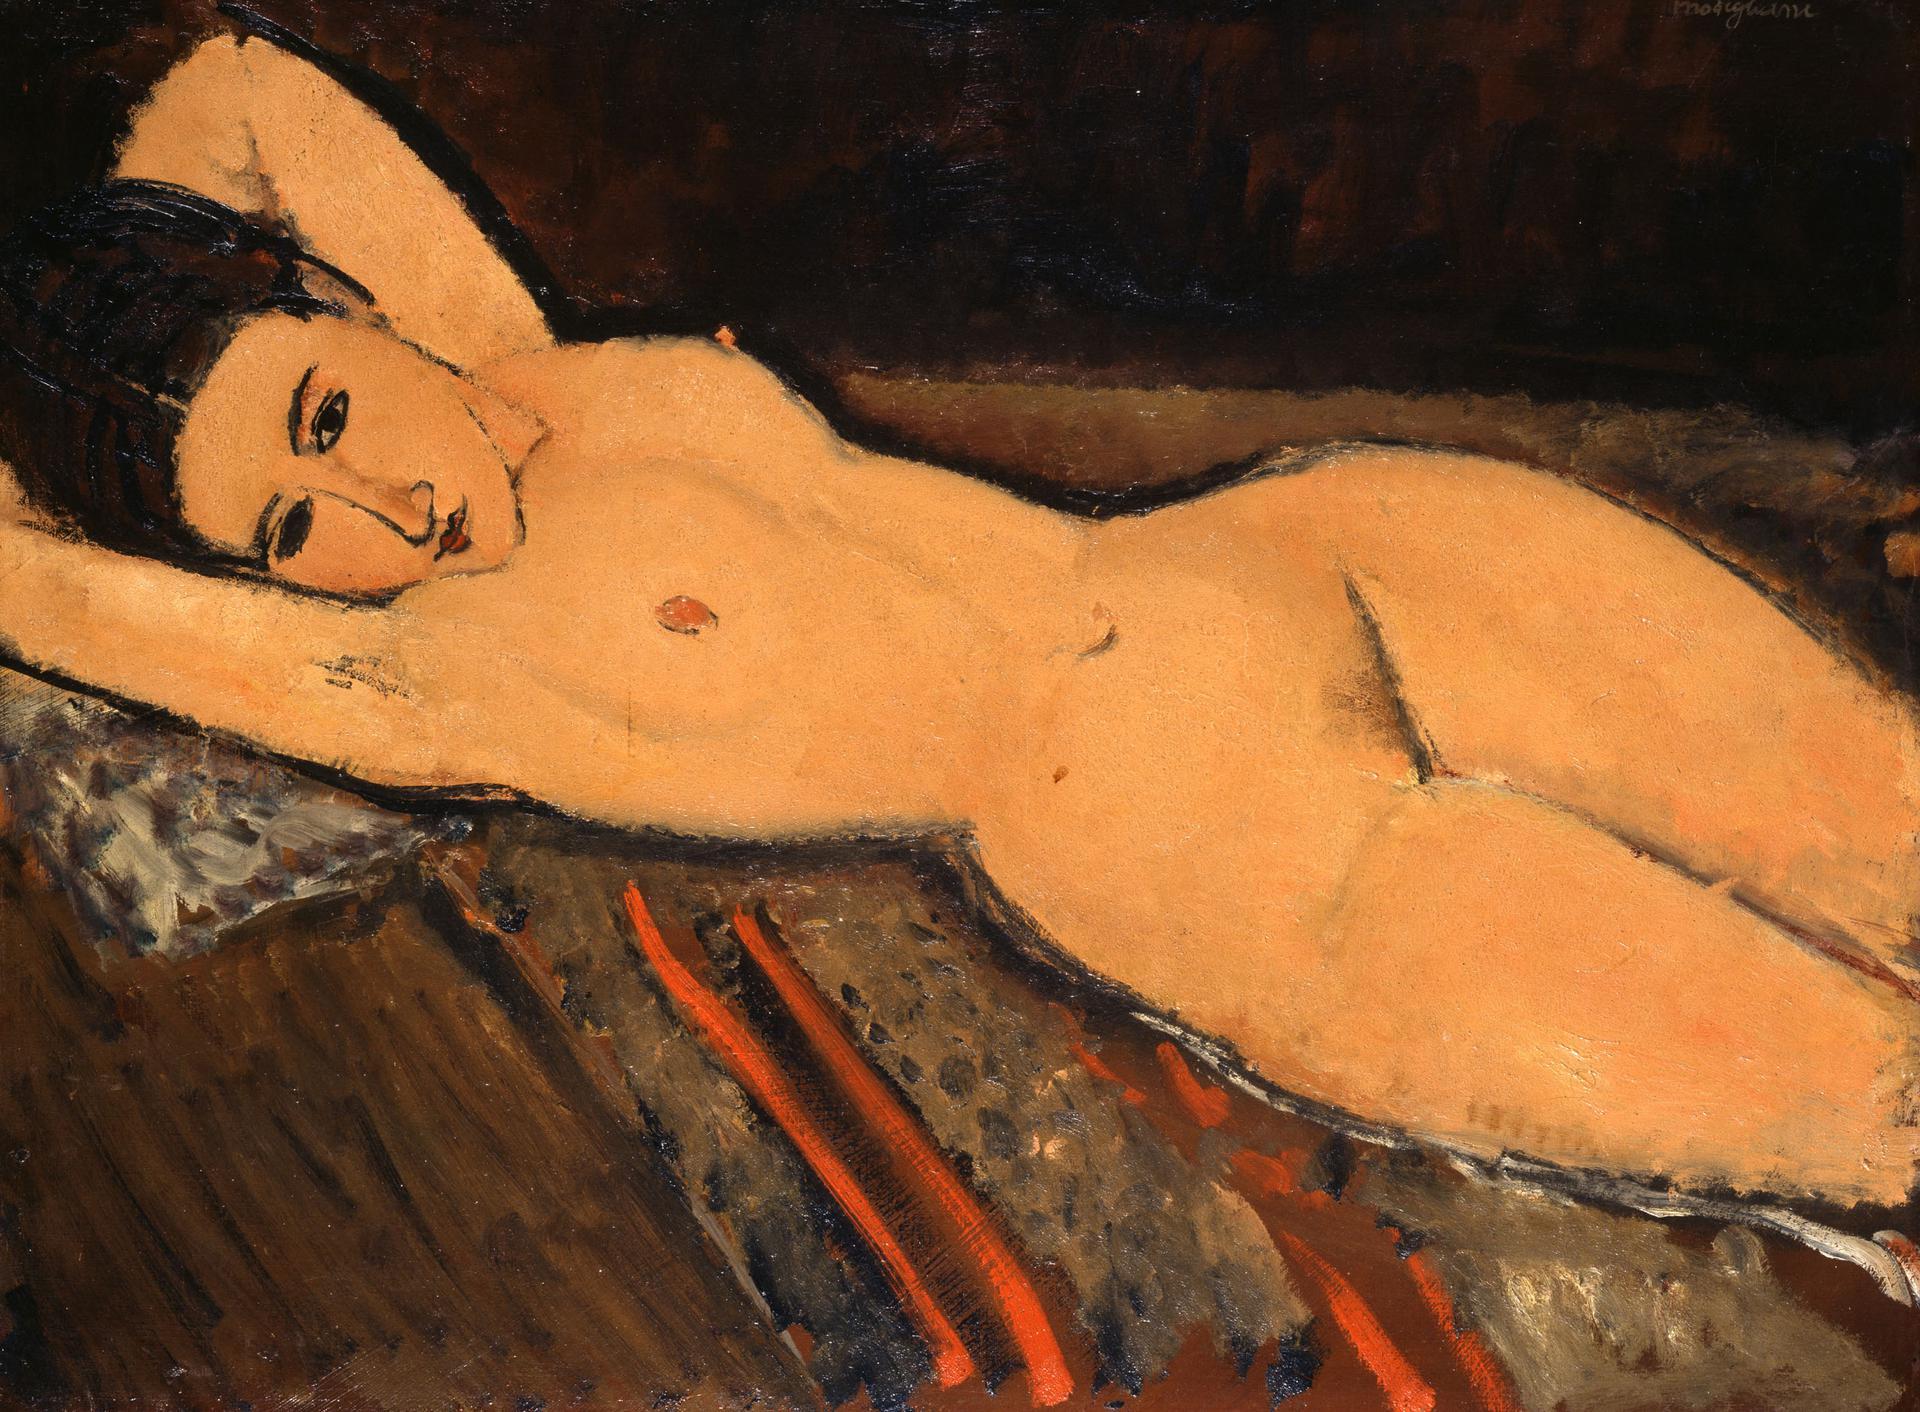 Amedeo Modigliani Nu couché (Nudo disteso) 1916 Olio su tela 65.5 x 87 cm Collezione Emil Bührle_Crediti fotografici: SIK-ISEA, Zürich (J.-P. Kuhn)